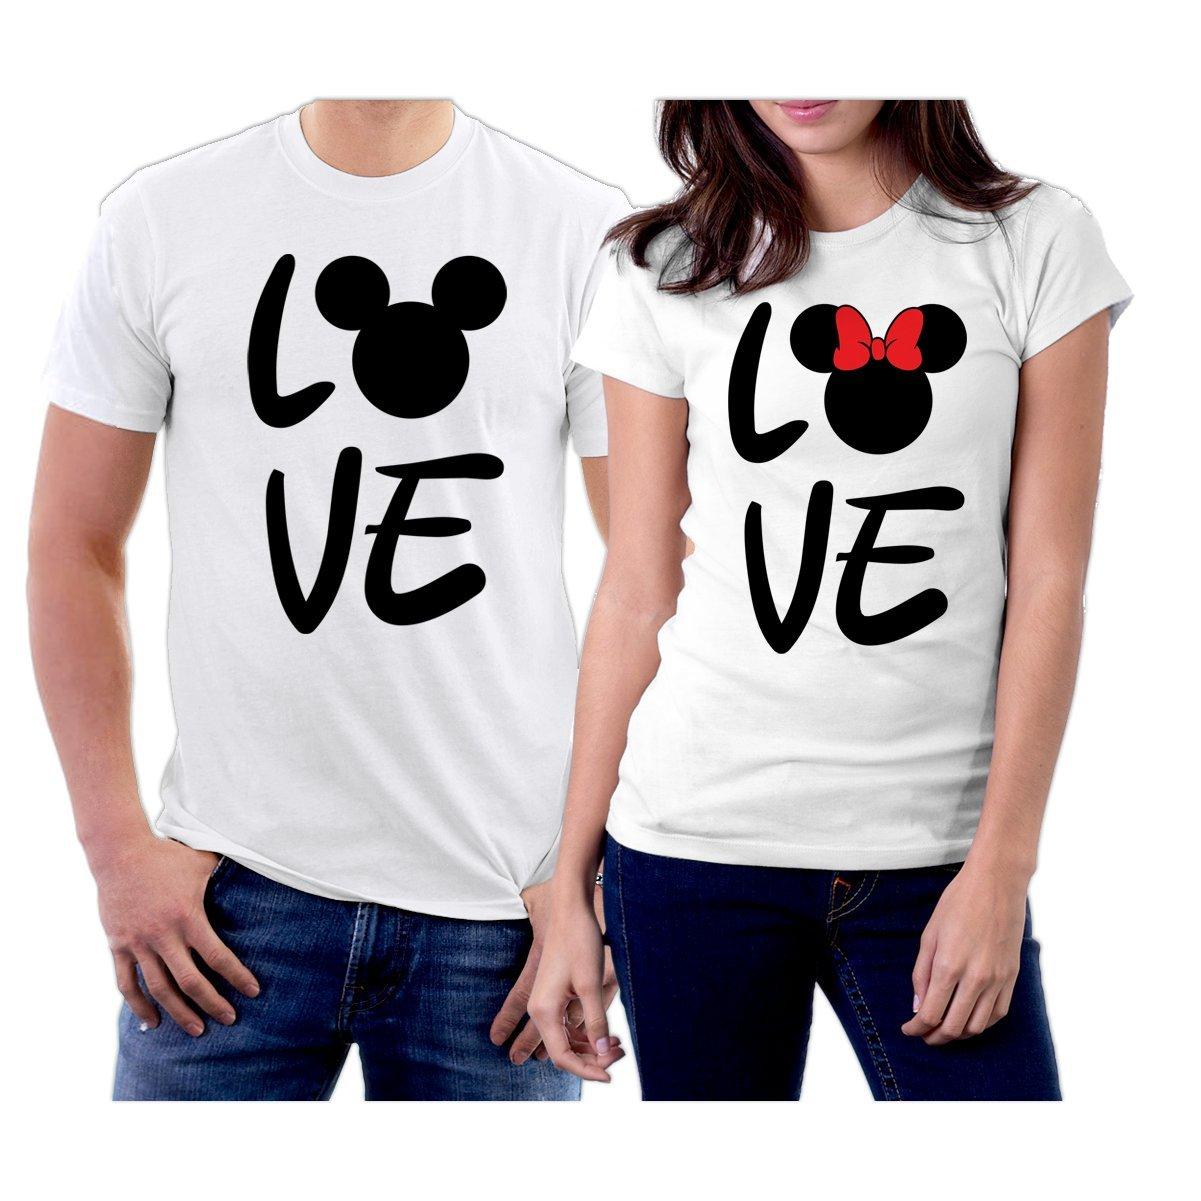 Matching Love Mm Couple T Shirts Amazon